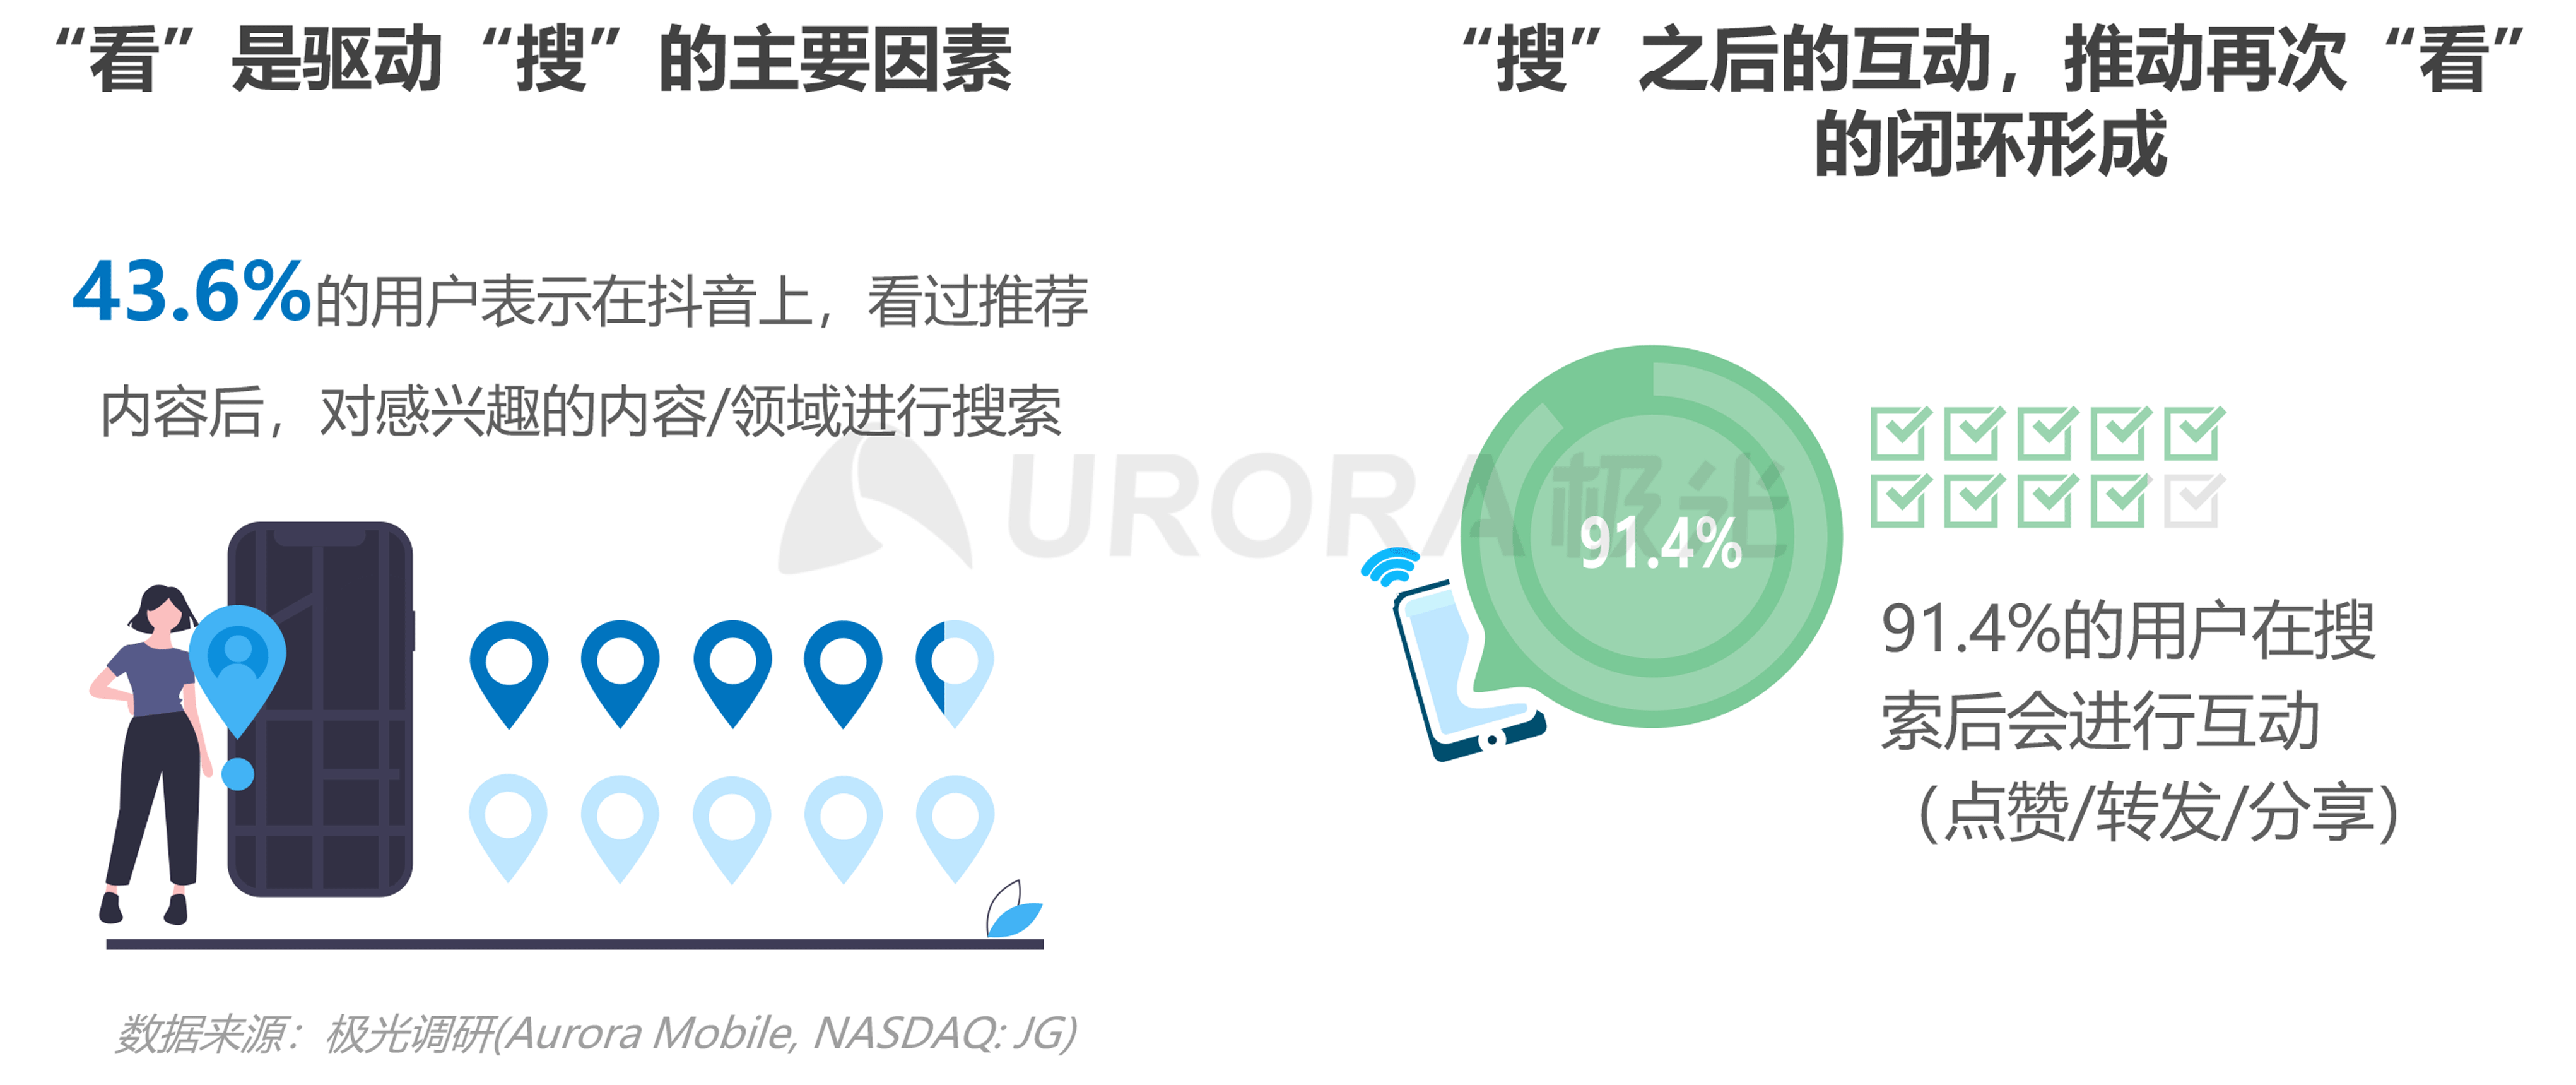 极光:内容生态搜索趋势报告png (27).png